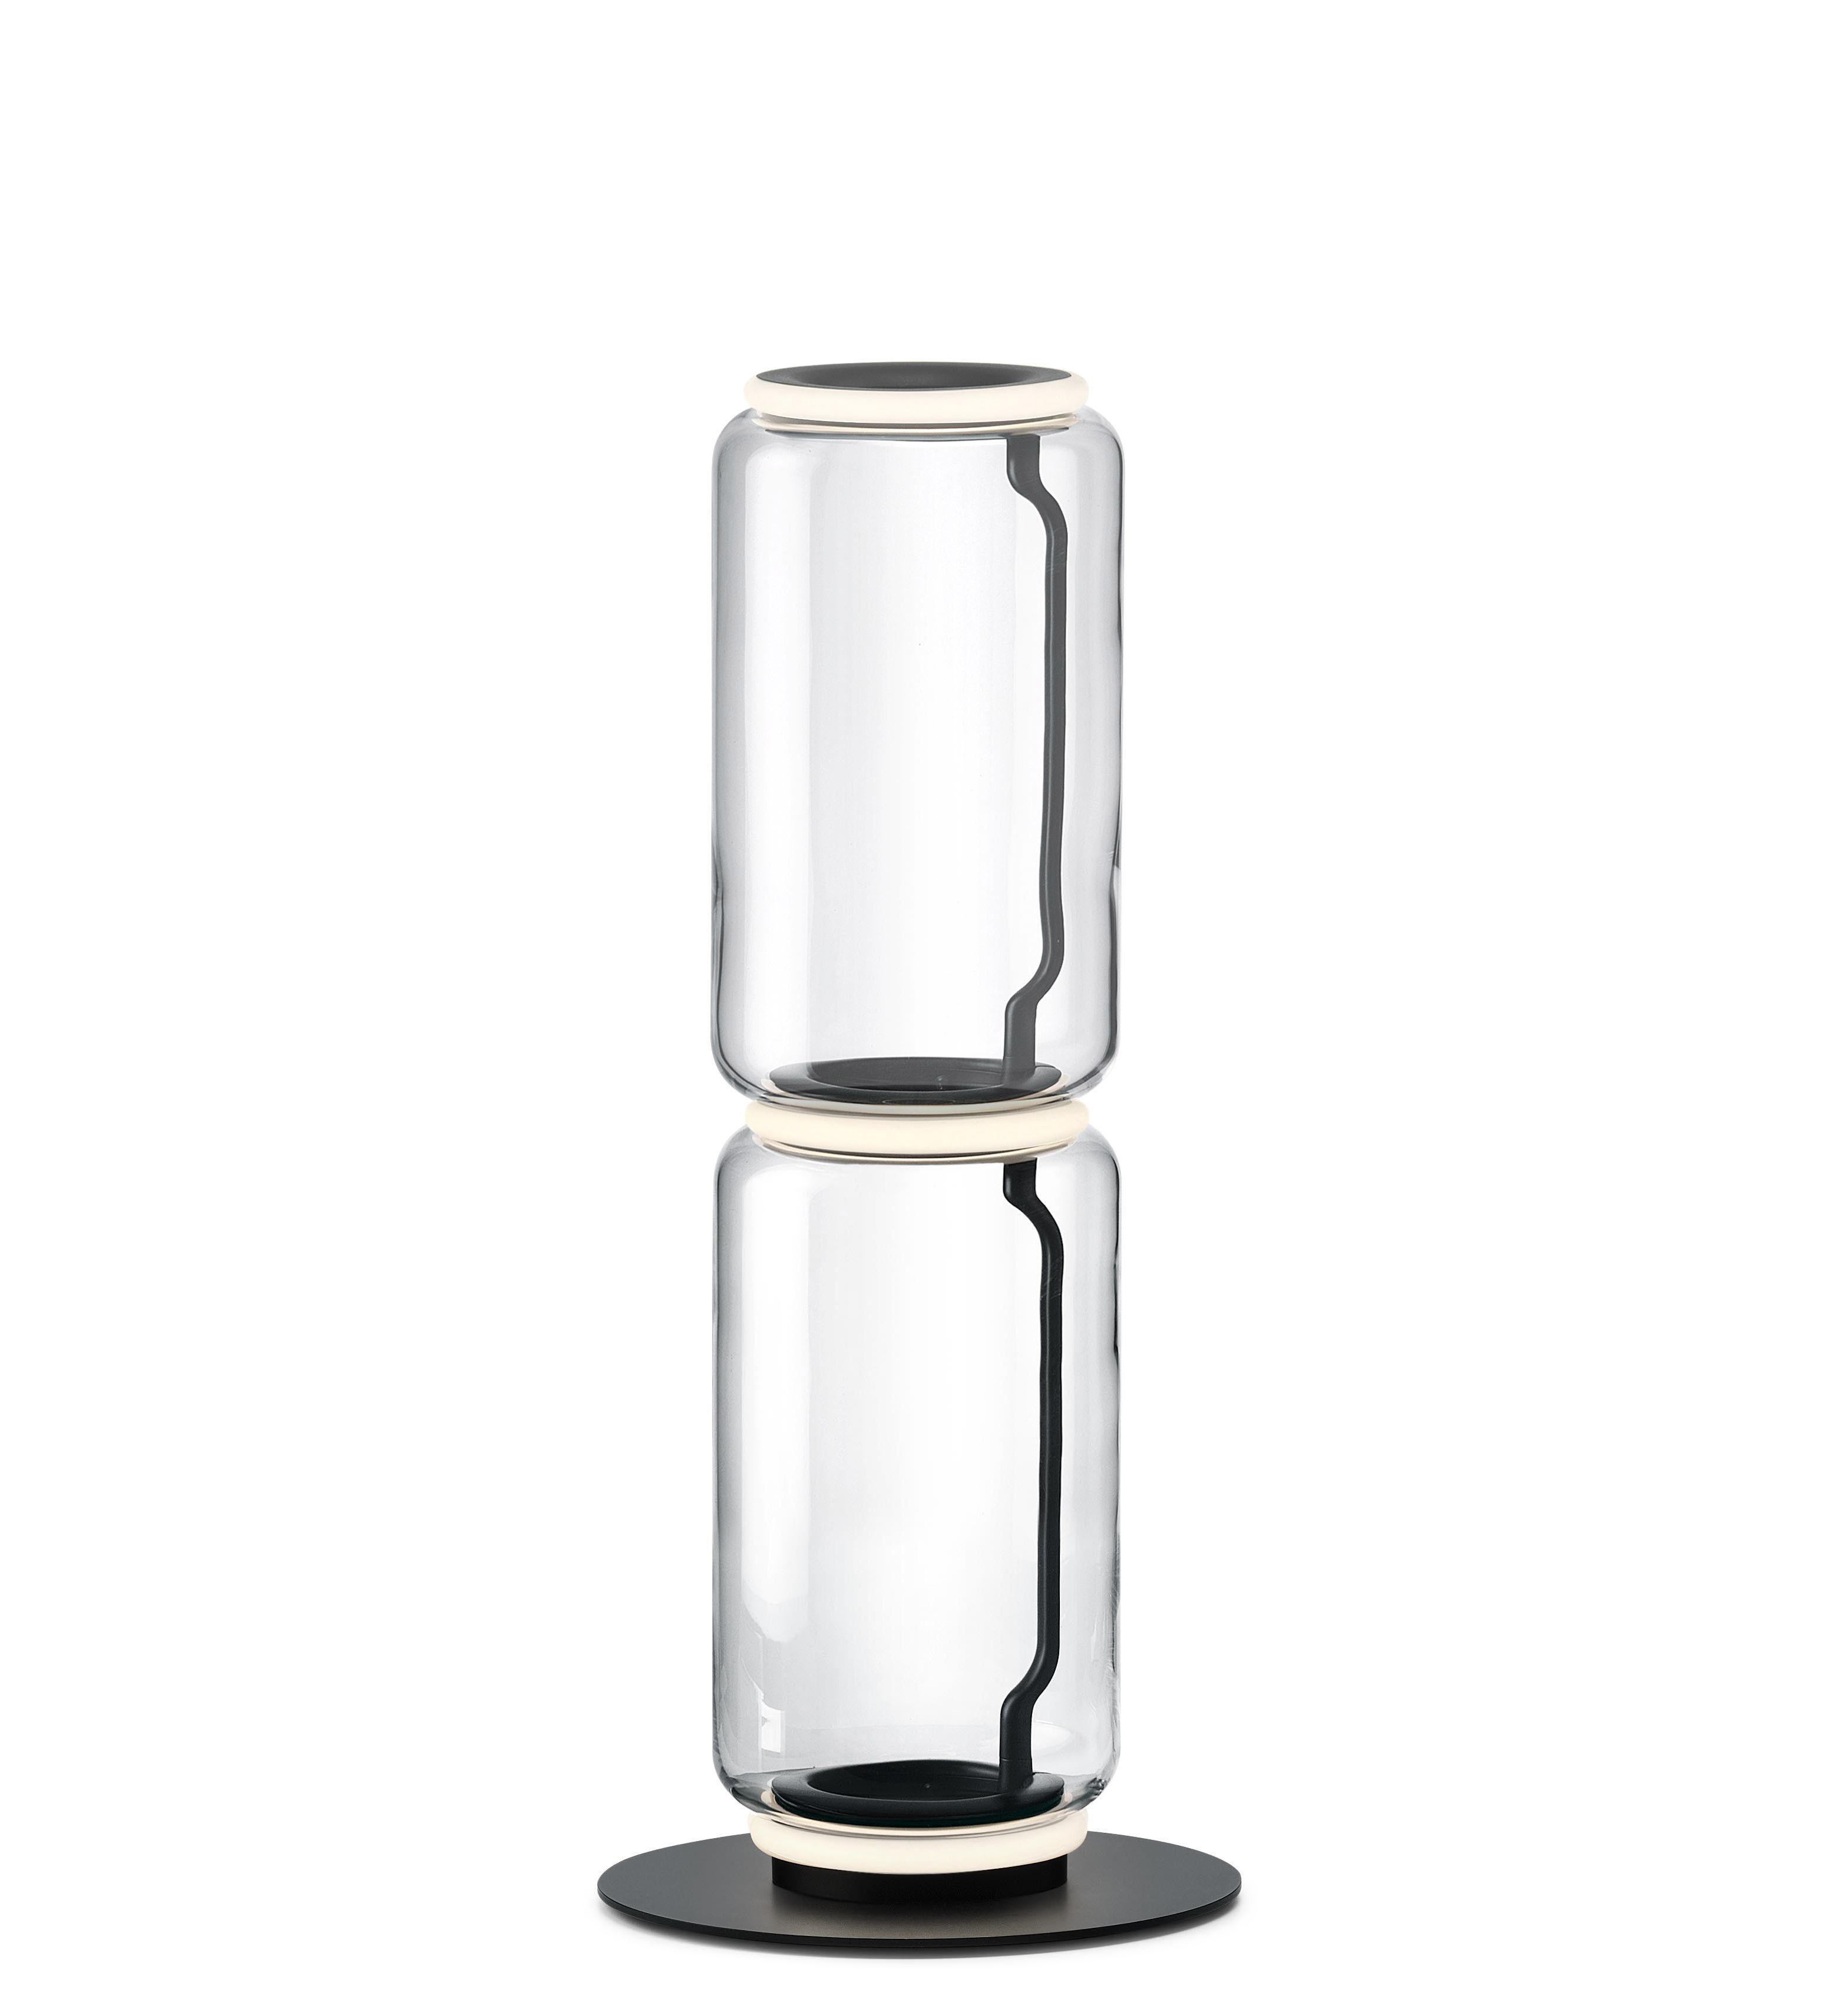 Luminaire - Lampadaires - Lampe à poser Noctambule Cylindre n°2 / LED - Ø 25 x H 95 cm - Flos - H 95 cm / Transparent - Acier, Fonte d'aluminium, Verre soufflé